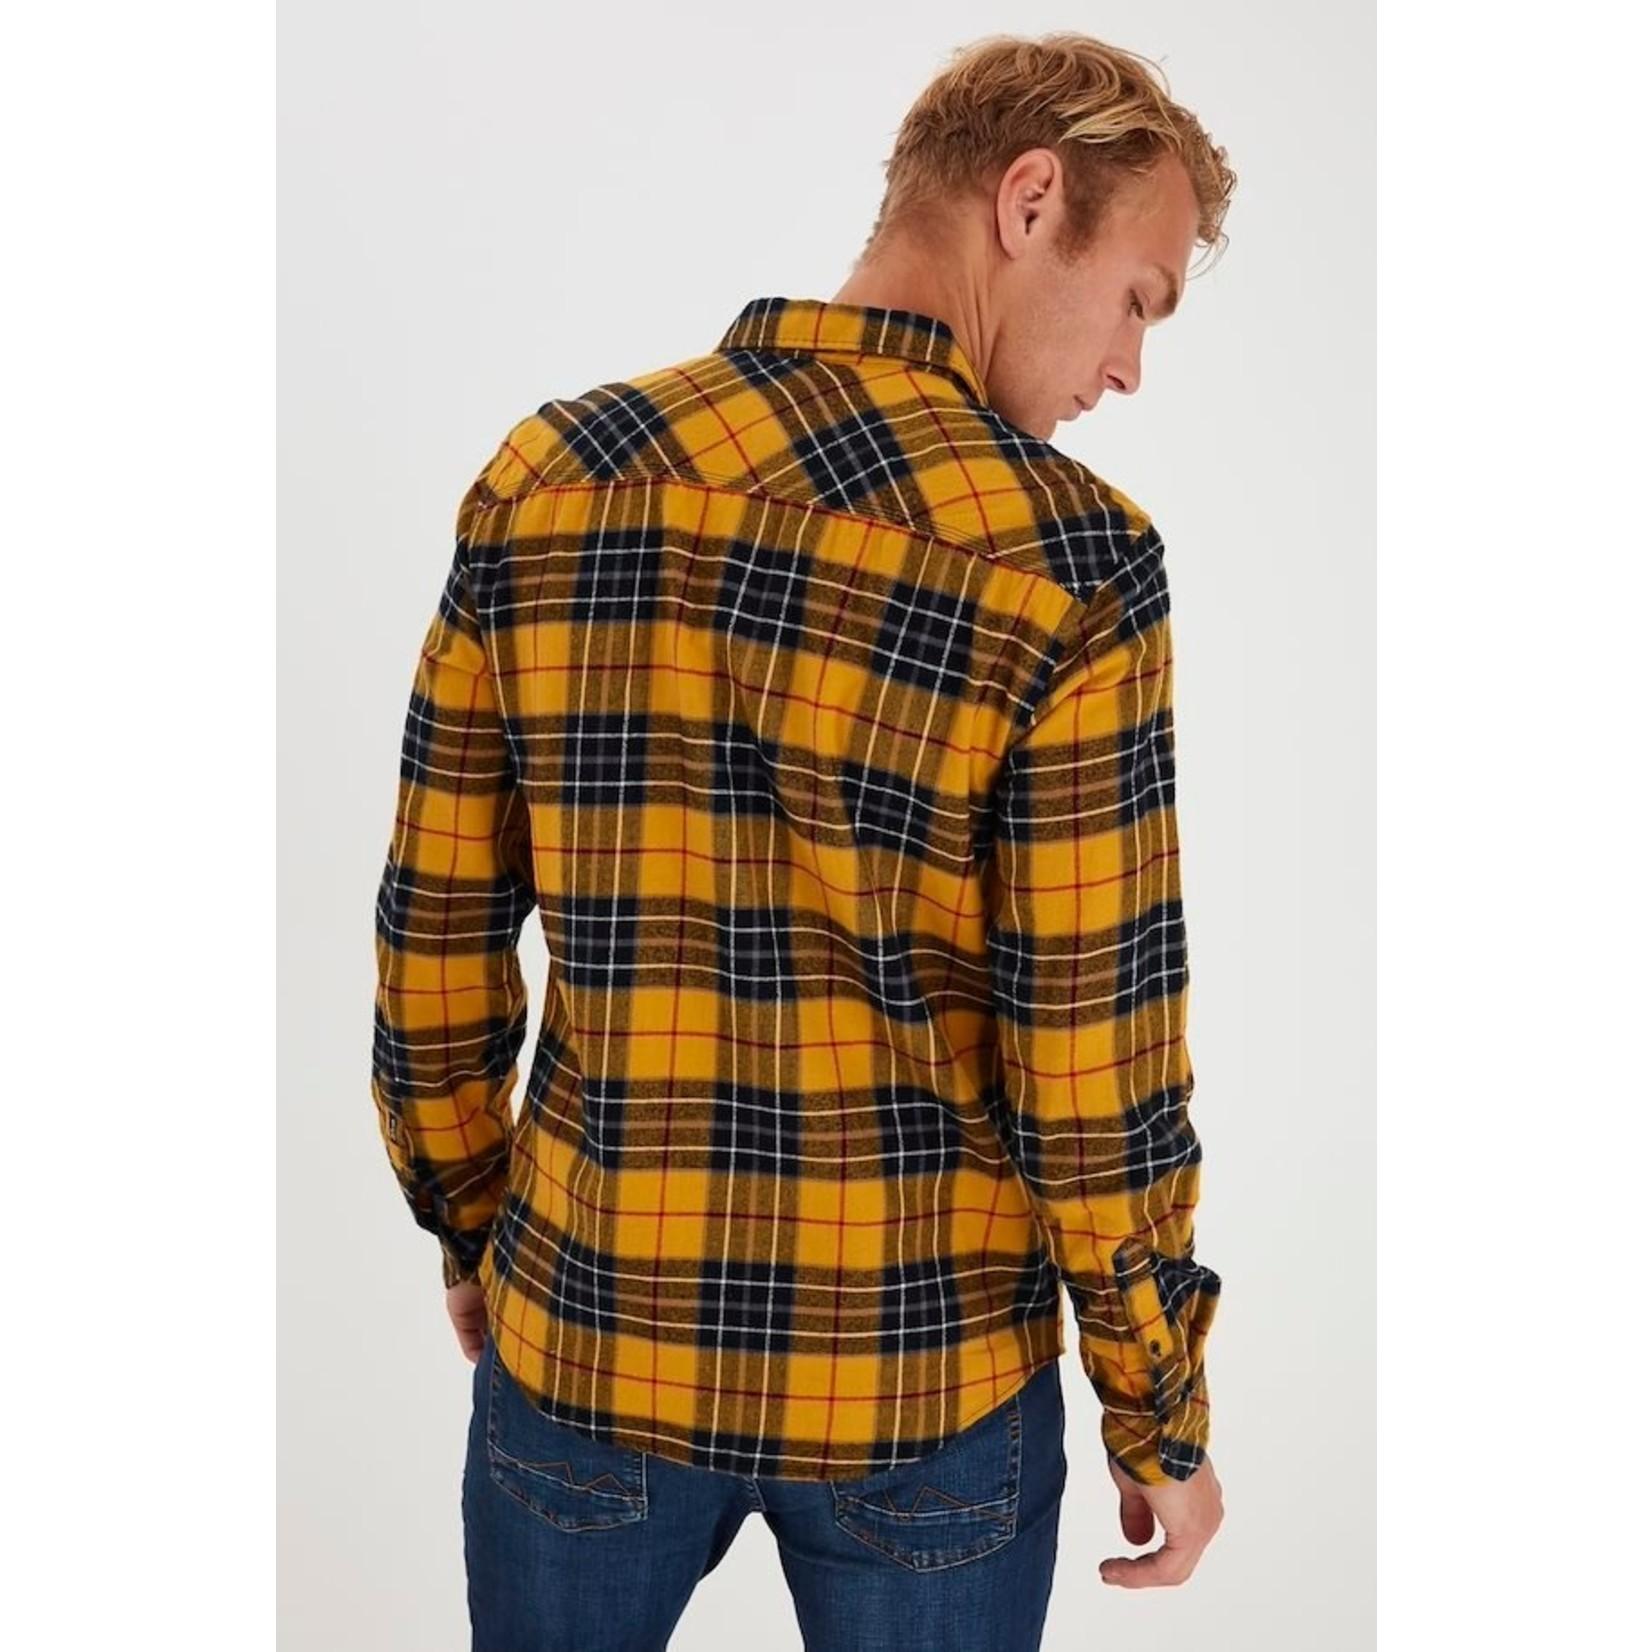 Blend Blend 20711125 Plaid Shirt - Empire Yellow